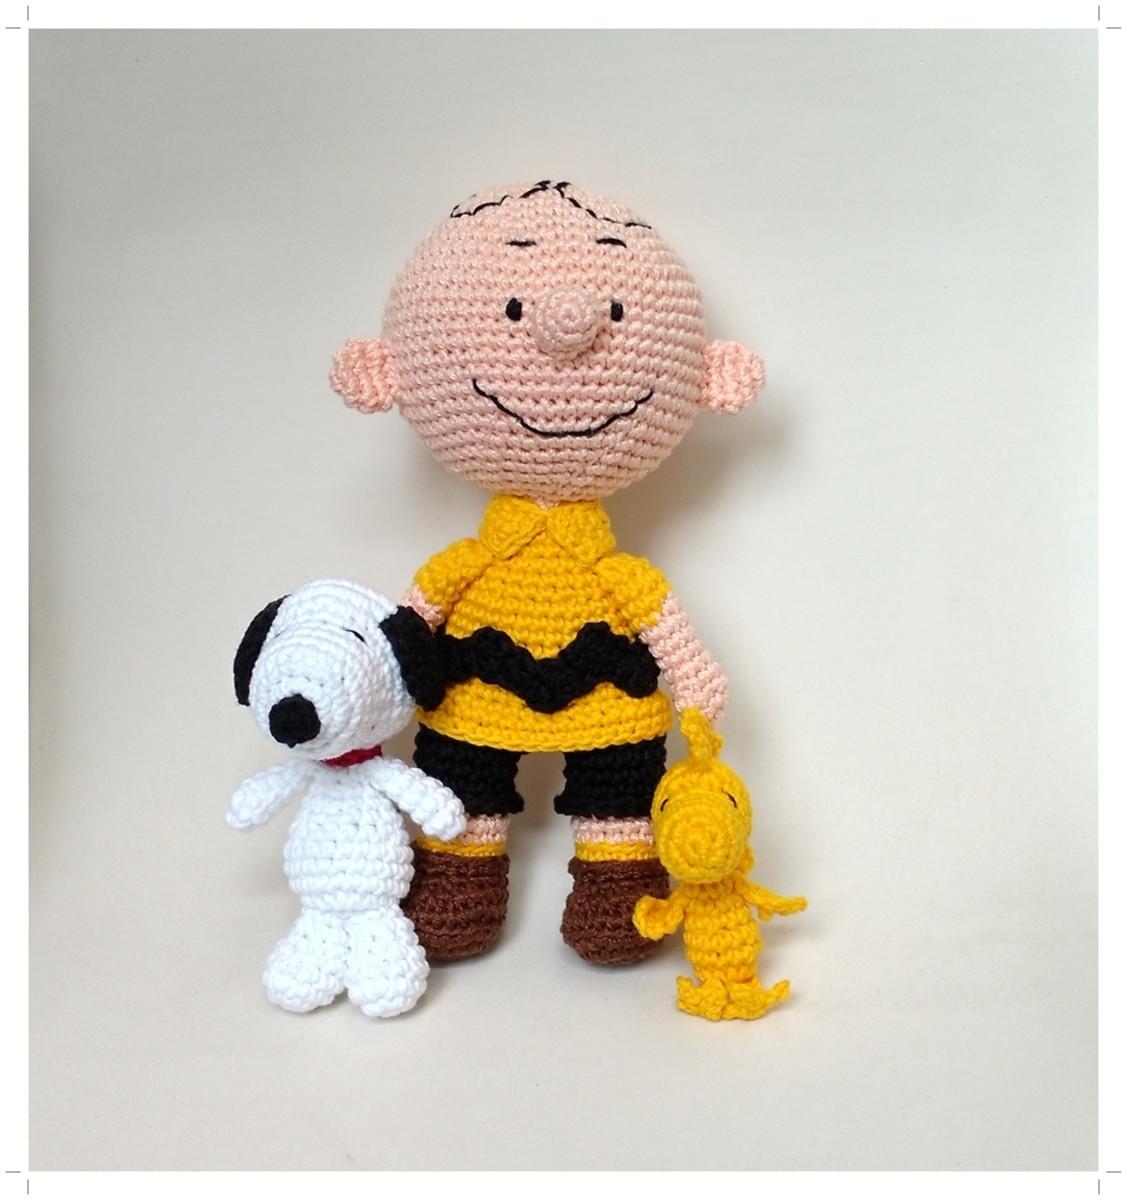 Snoopy Amigurumi Crochet Kit | Stitch & Story - Stitch & Story USA | 1200x1127